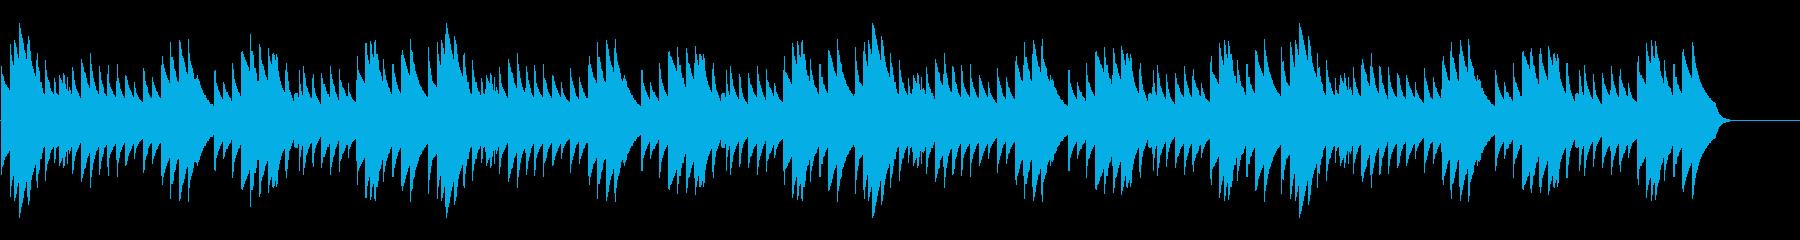 シャボン玉・遅い 16bit48kHzの再生済みの波形